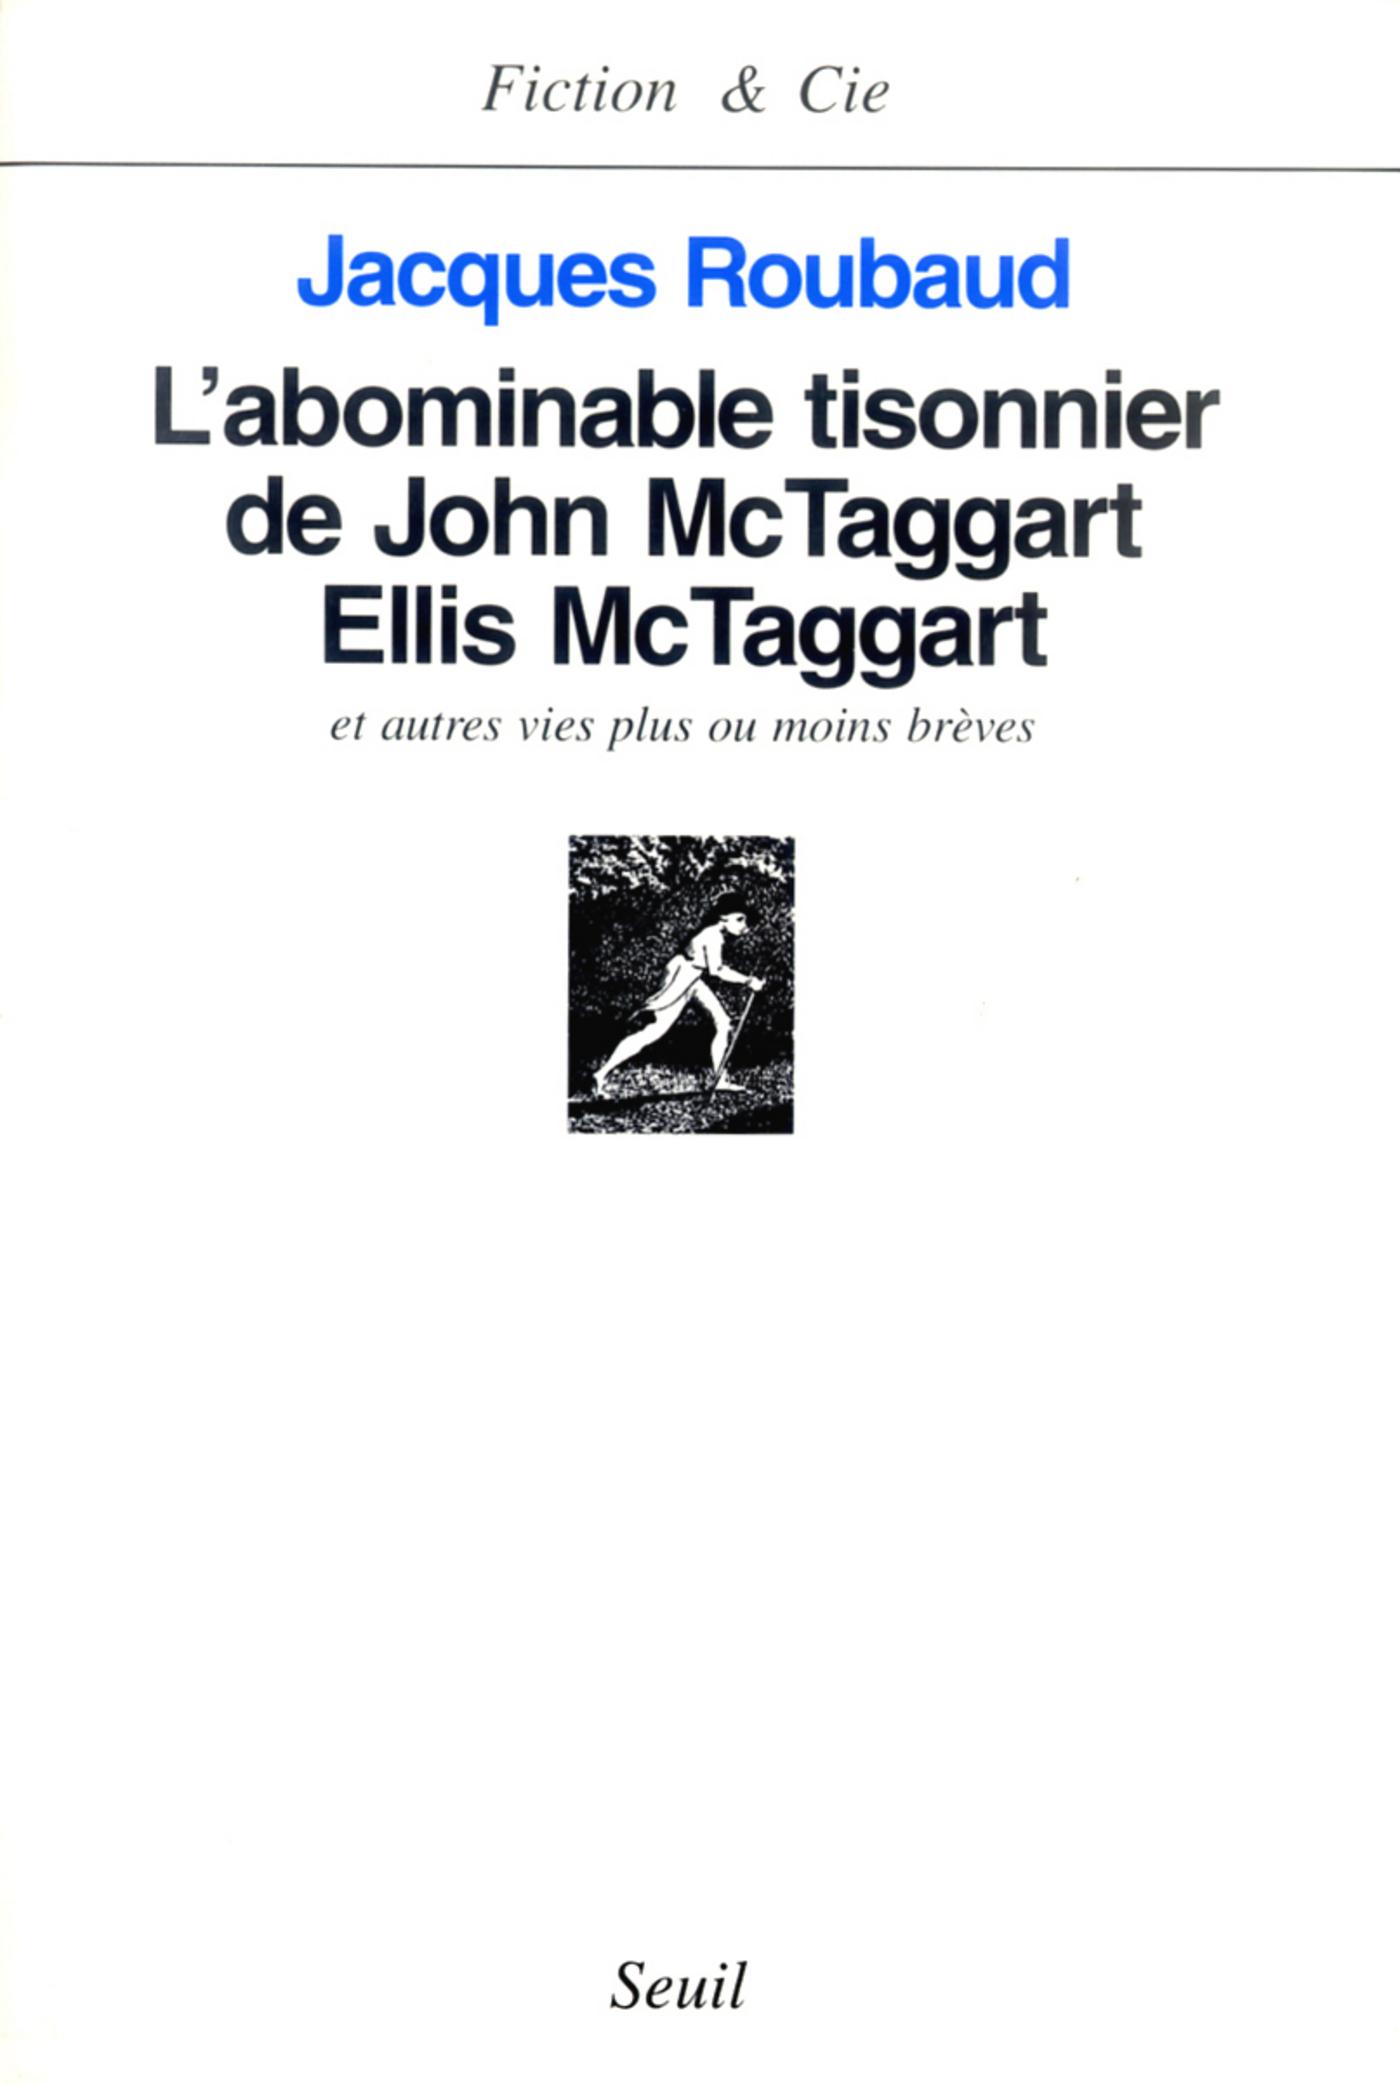 L'Abominable Tisonnier de John McTaggart Ellis McTaggart et autres vies plus ou moins brèves